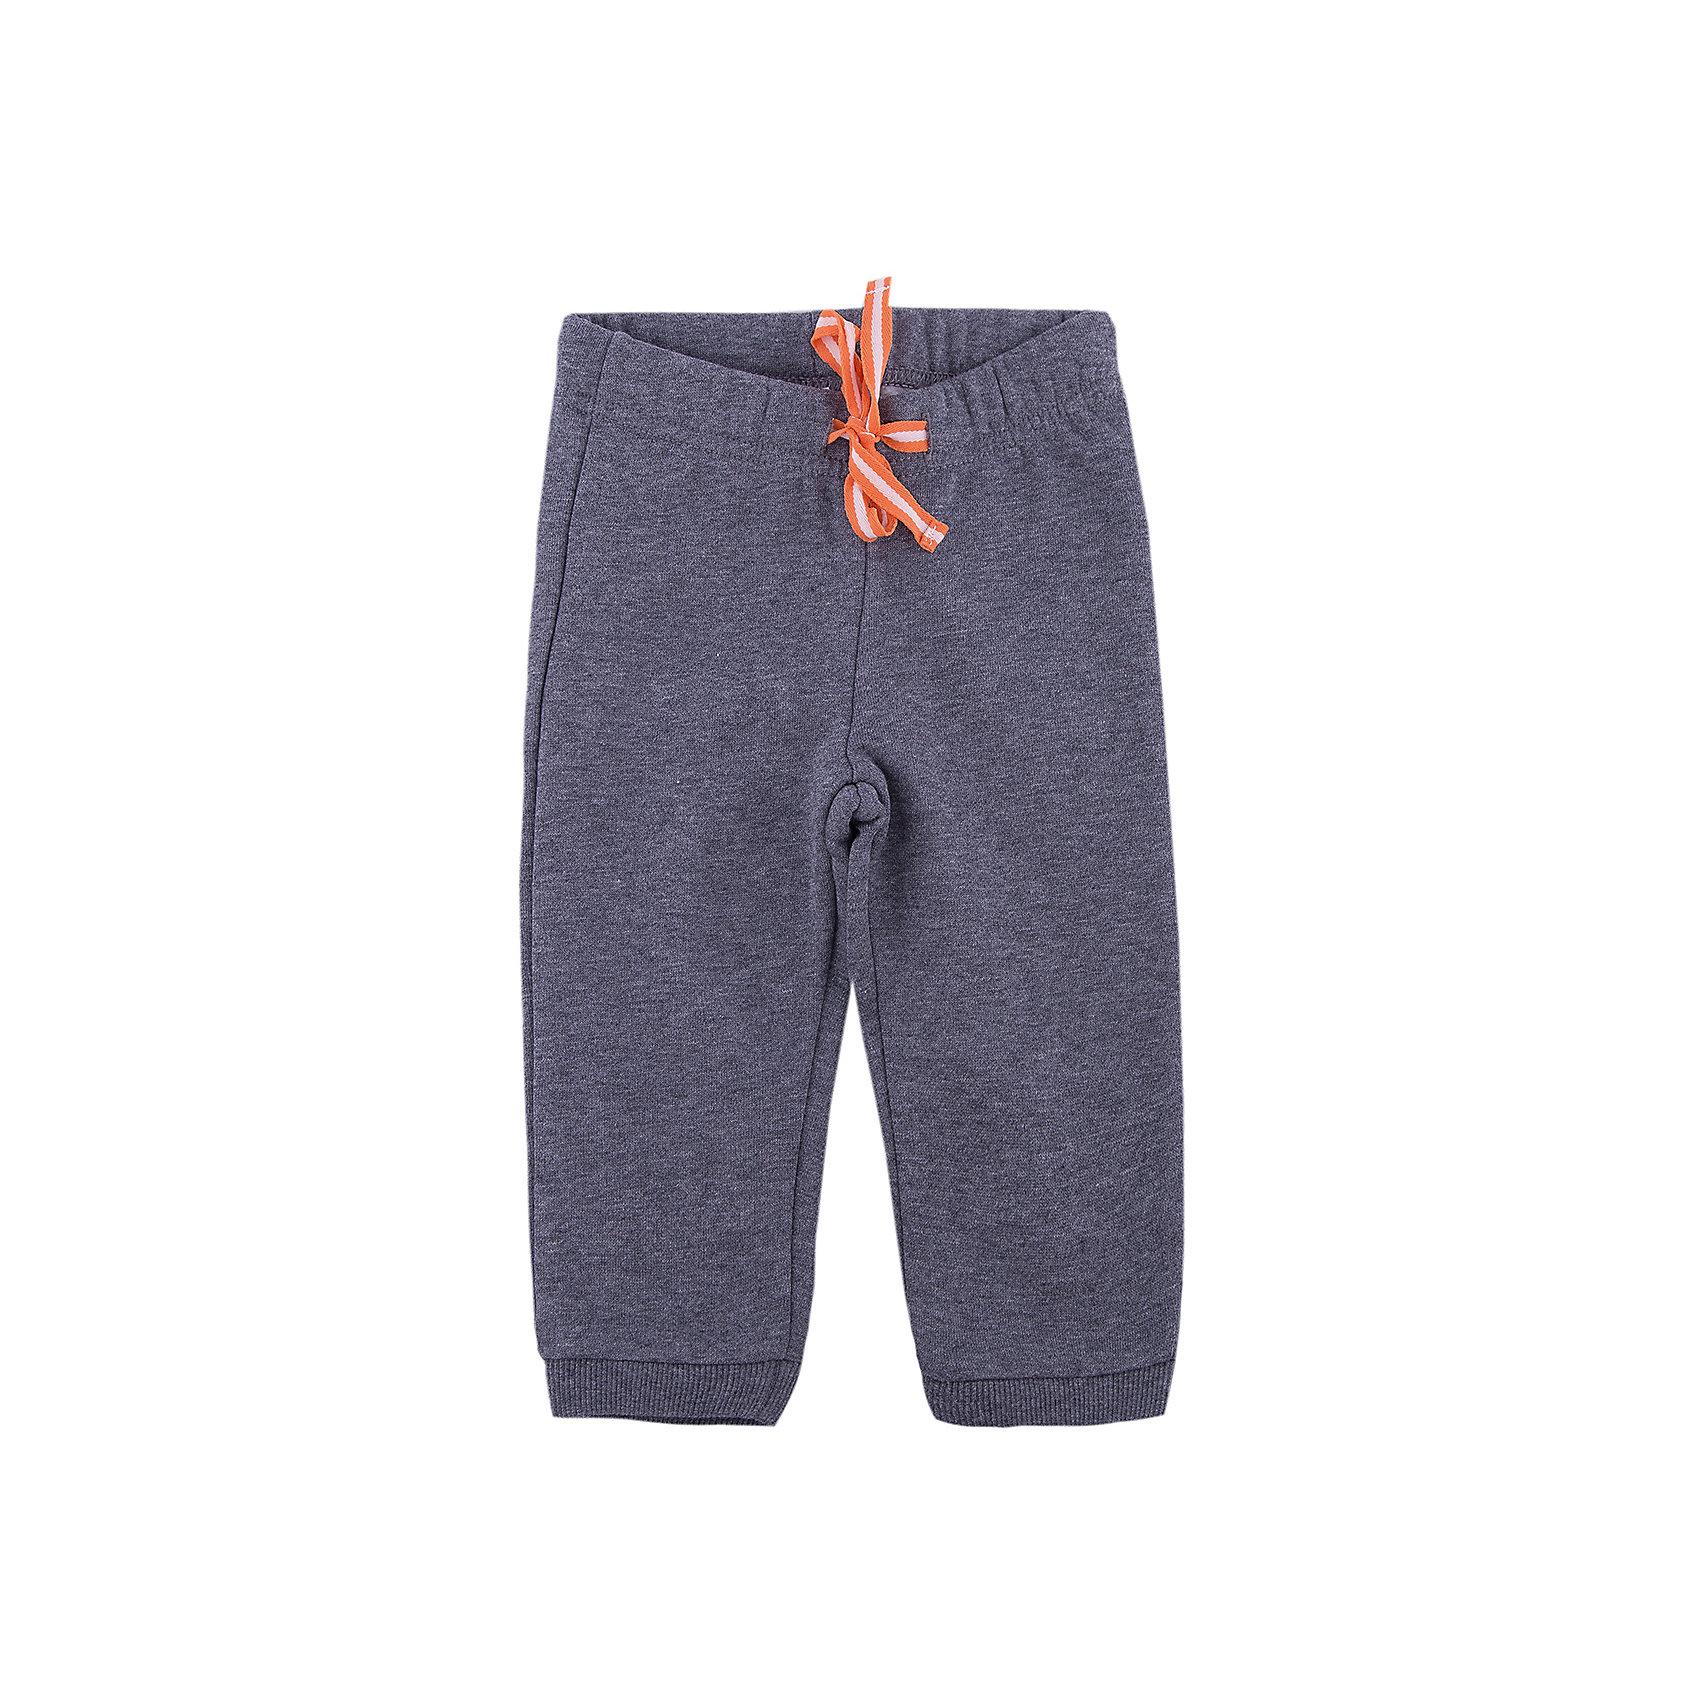 Брюки для мальчика PlayTodayДжинсы и брючки<br>Брюки для мальчика от известного бренда PlayToday.<br>Стильные теплые брюки из футера с начесом. Низ штанишек и пояс на резинке, дополнительно регулируется цветной тесьмой.<br>Состав:<br>80% хлопок, 20% полиэстер<br><br>Ширина мм: 157<br>Глубина мм: 13<br>Высота мм: 119<br>Вес г: 200<br>Цвет: серый<br>Возраст от месяцев: 12<br>Возраст до месяцев: 15<br>Пол: Мужской<br>Возраст: Детский<br>Размер: 80,74,92,86<br>SKU: 4900926